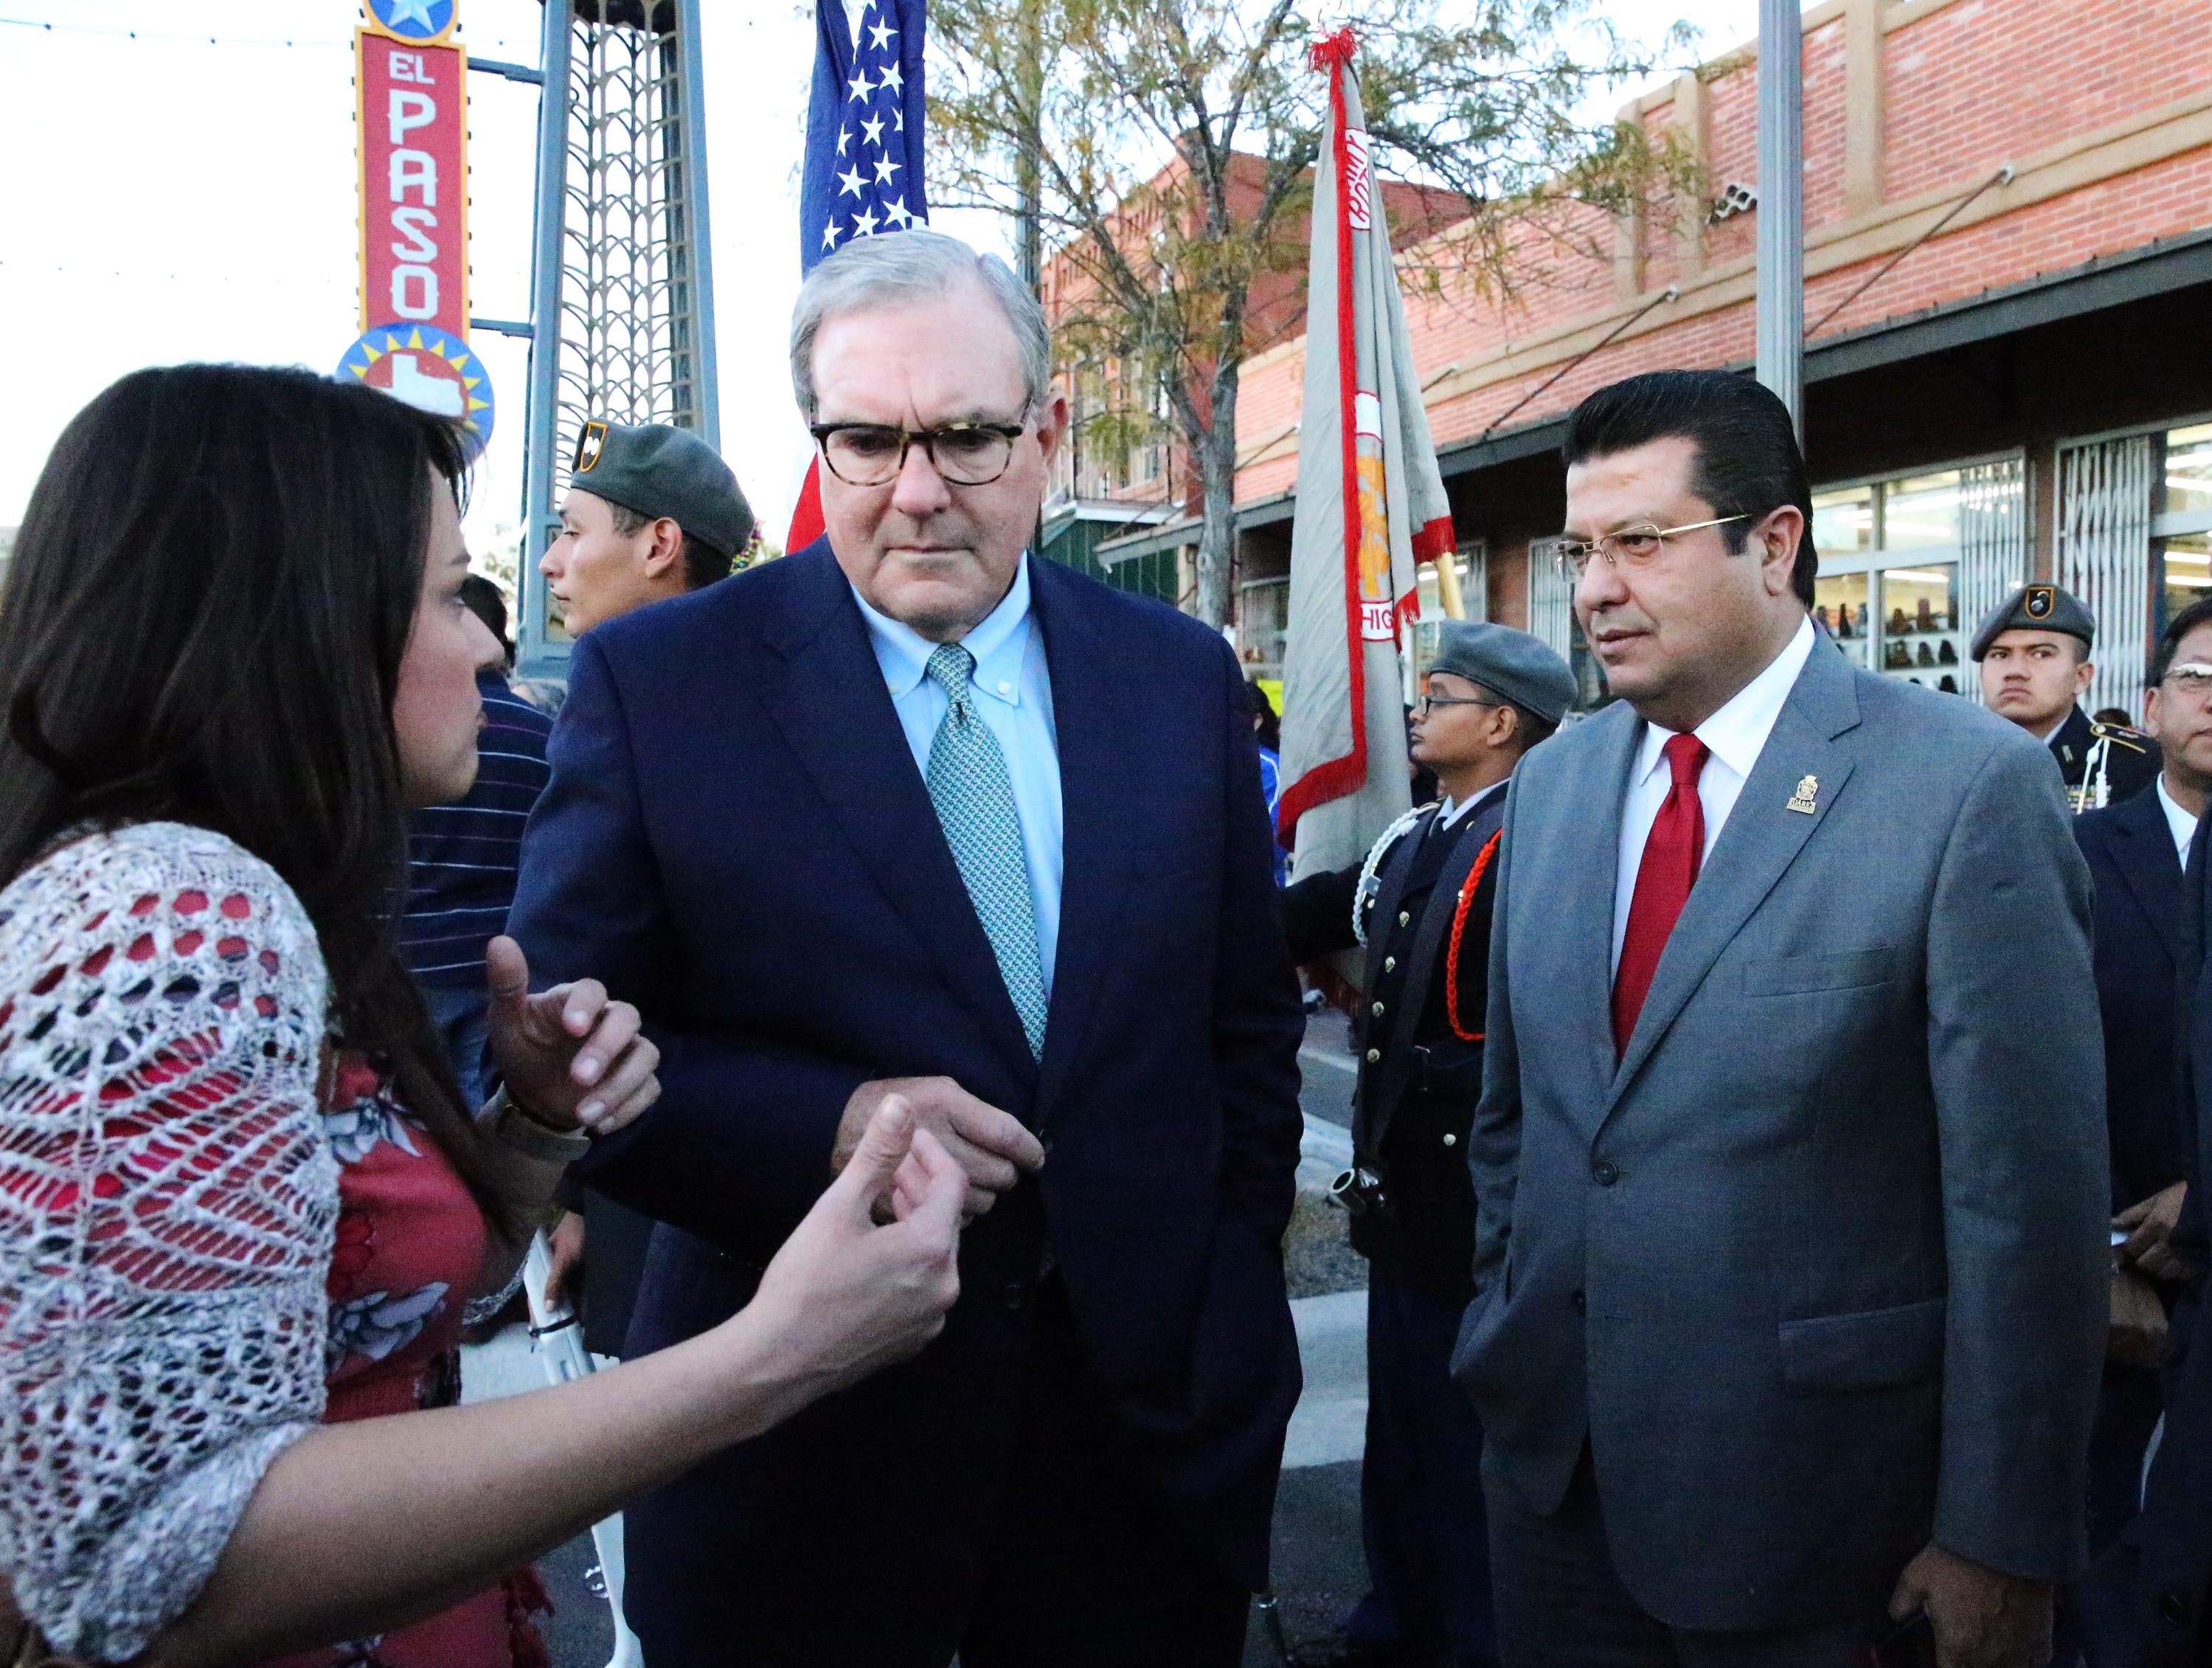 El Paso mayor Dee Margo, center, and his chief of staff, Olivia Zepeda, left, talk with Juarez mayor Armando Cabada Wednesday in South El Paso.